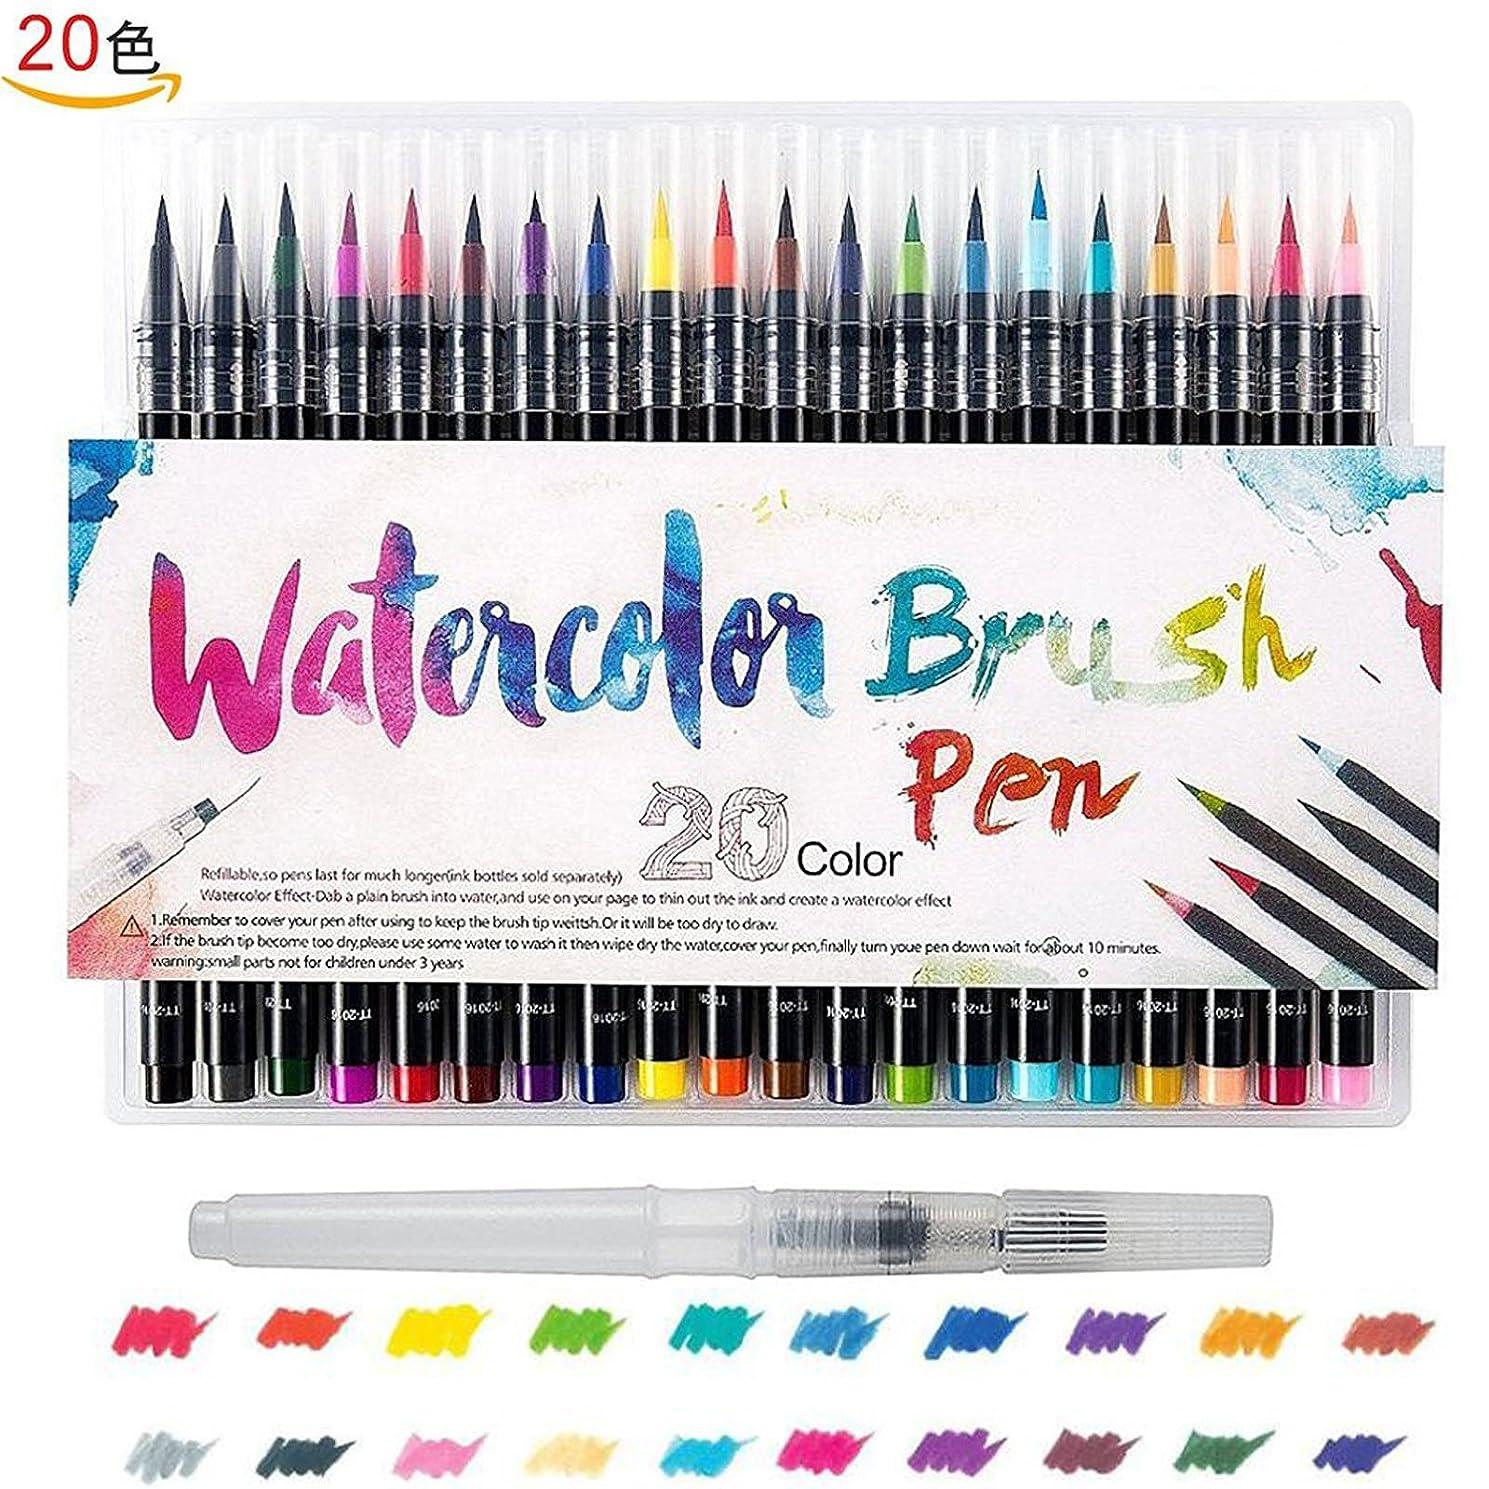 カラーペン ONUEMP水彩毛筆 20色套装筆ペン 水性ペン収納ケース付き 塗り絵 画筆 絵用 (17cm)